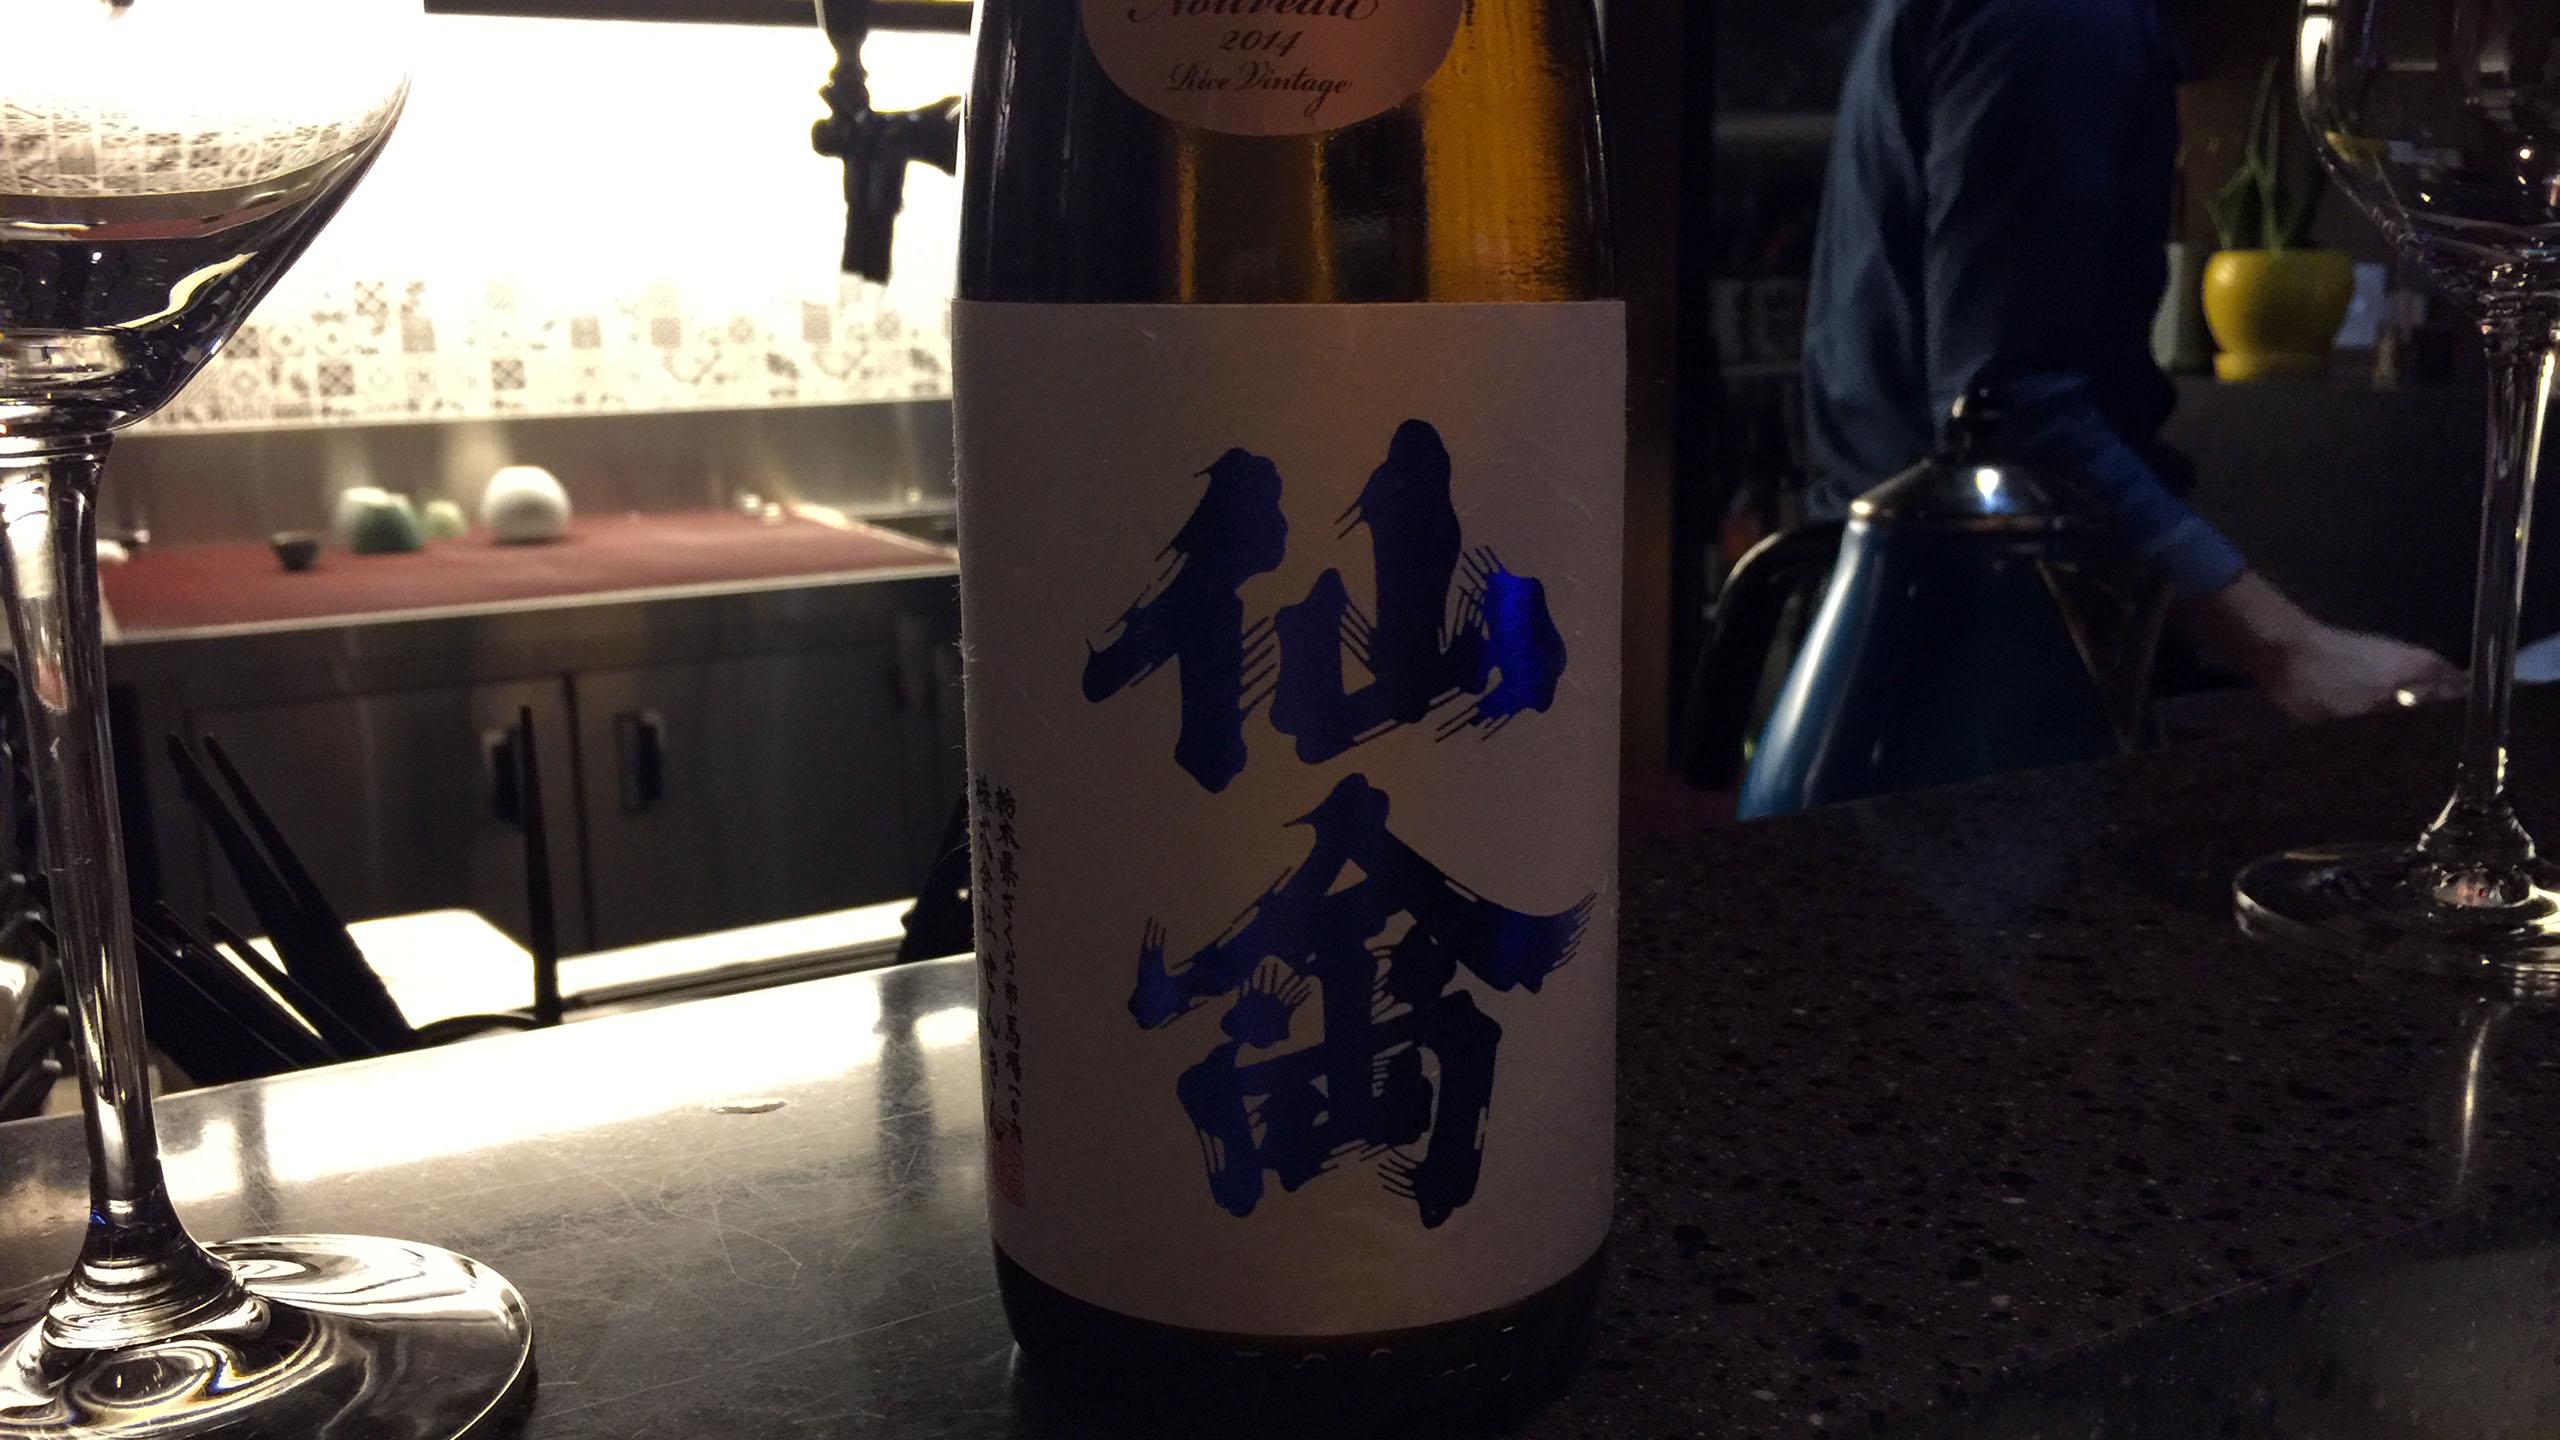 센킨 클래식 오마치 쥰마이다이긴죠 무로카 겐슈